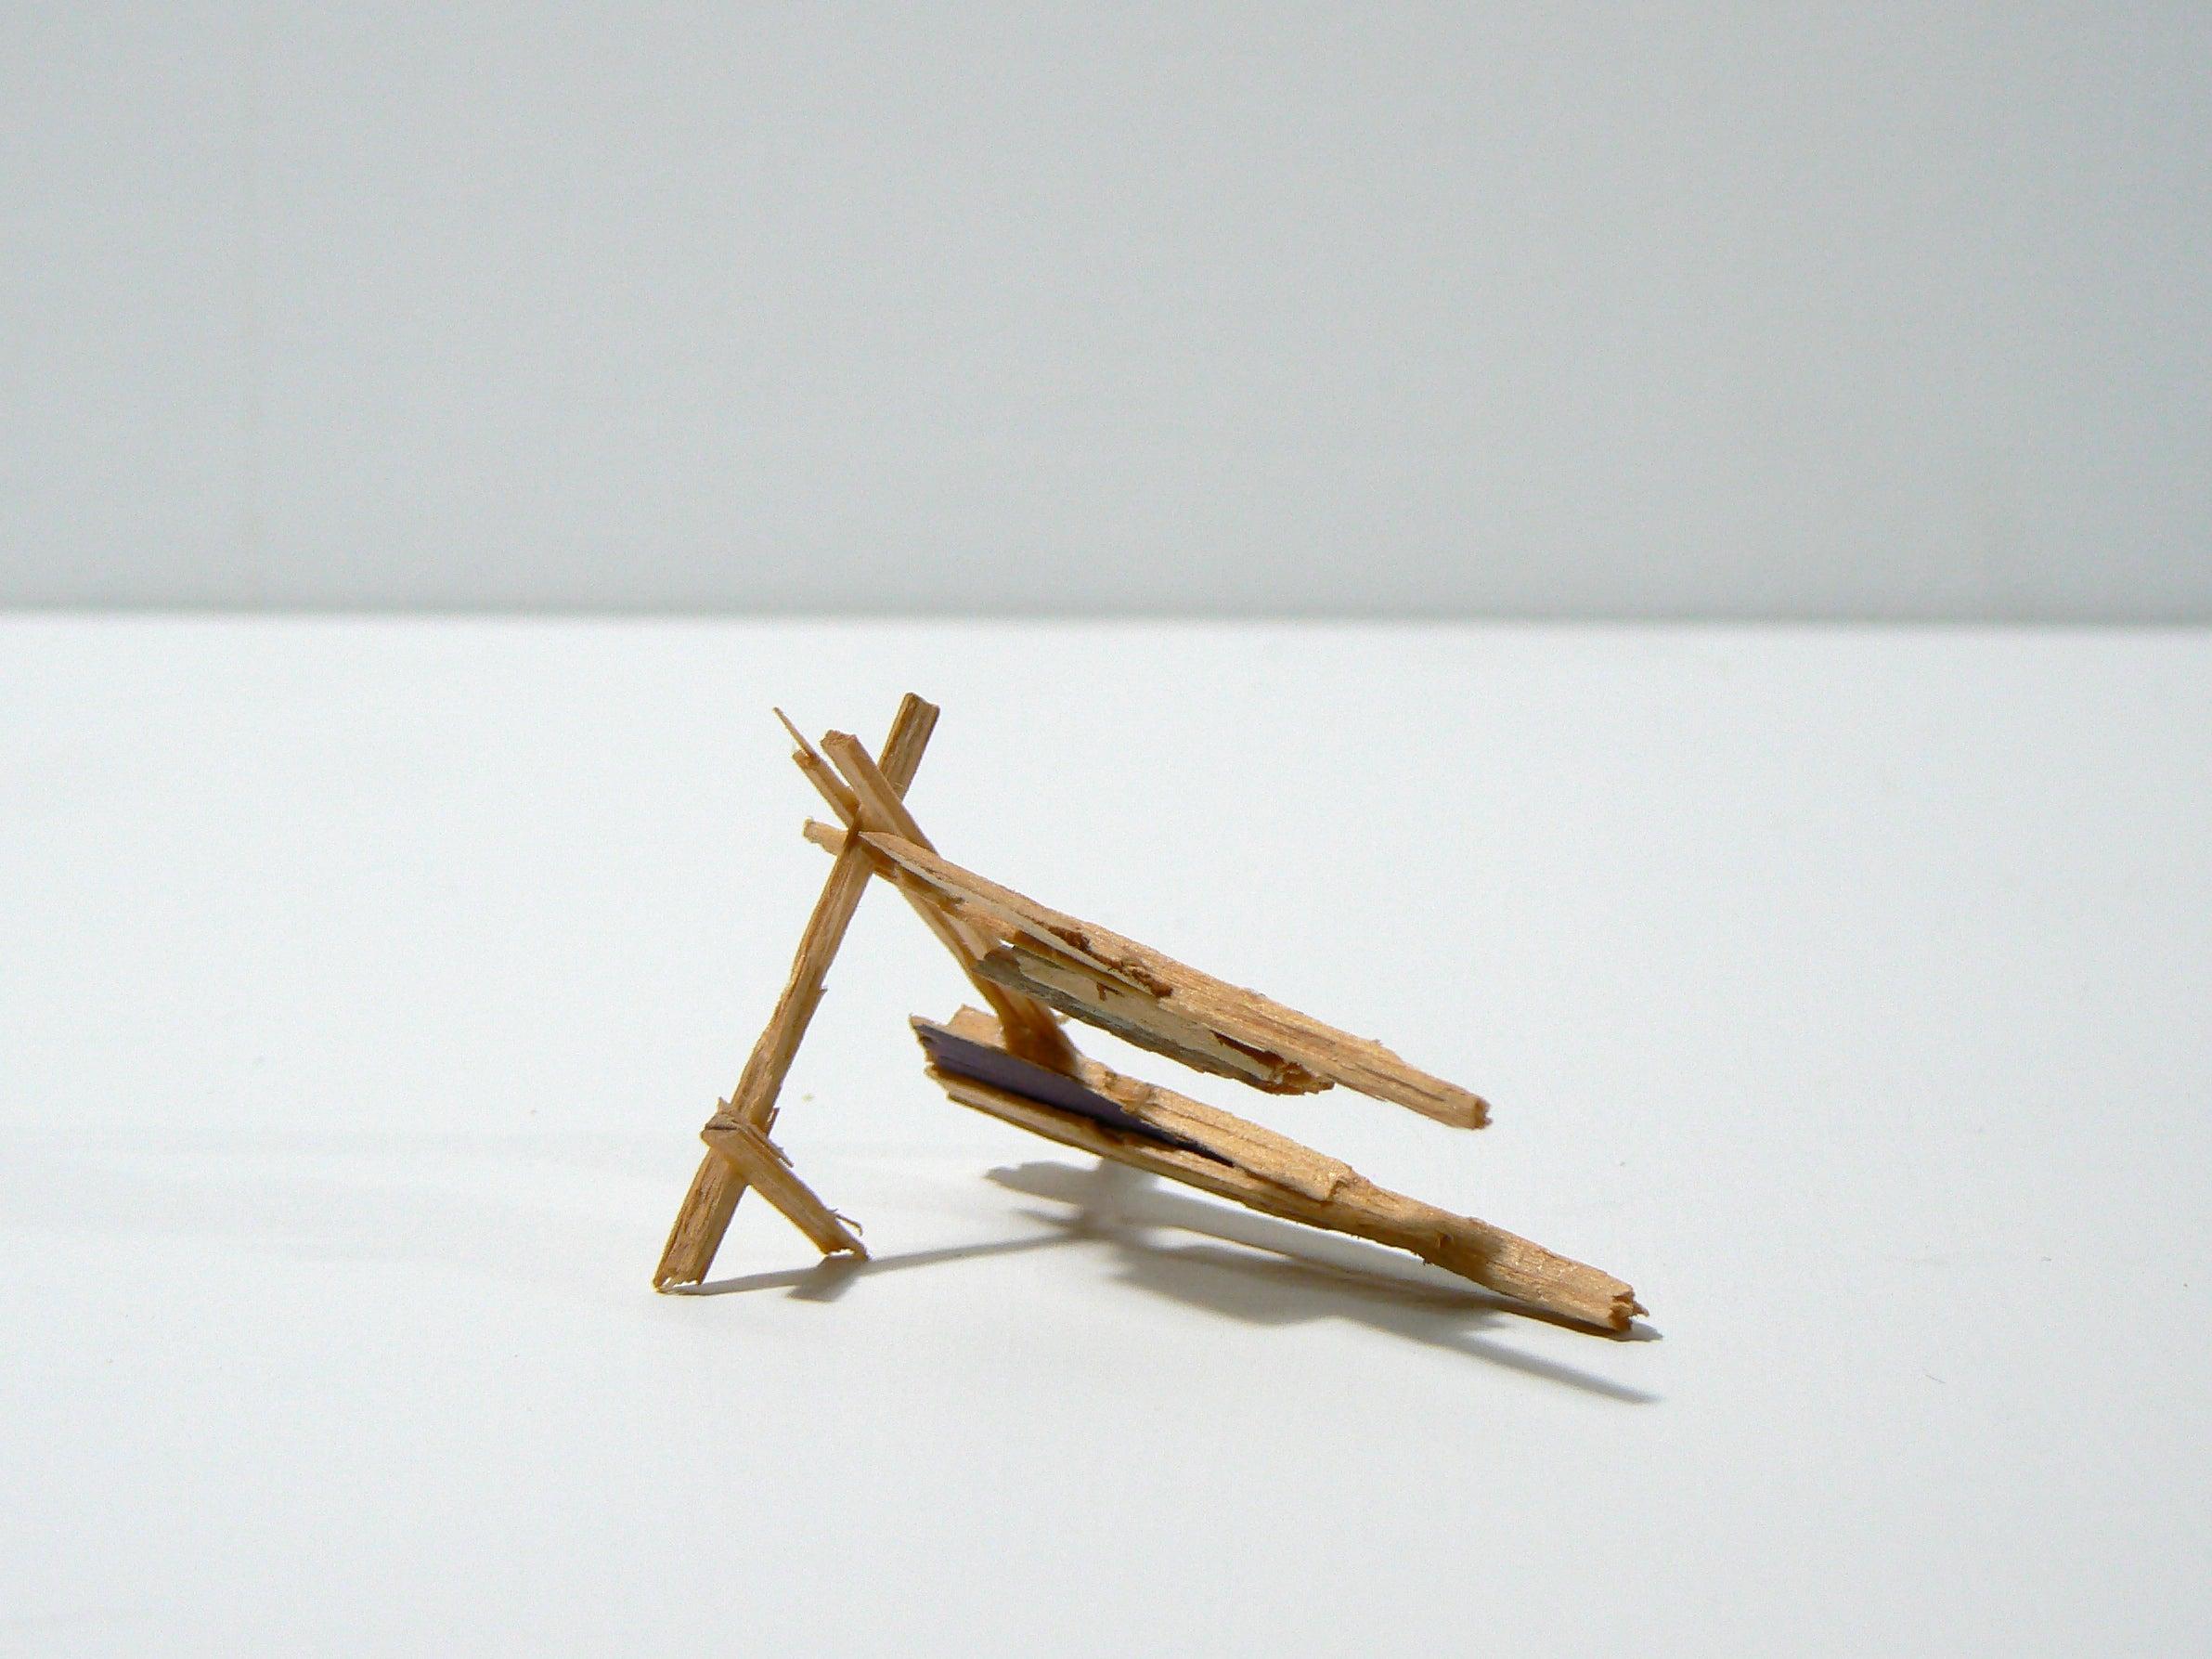 Liz Sweibel, Untitled (Splinter 2 ), 2014, Wood, Paint, Found Objects